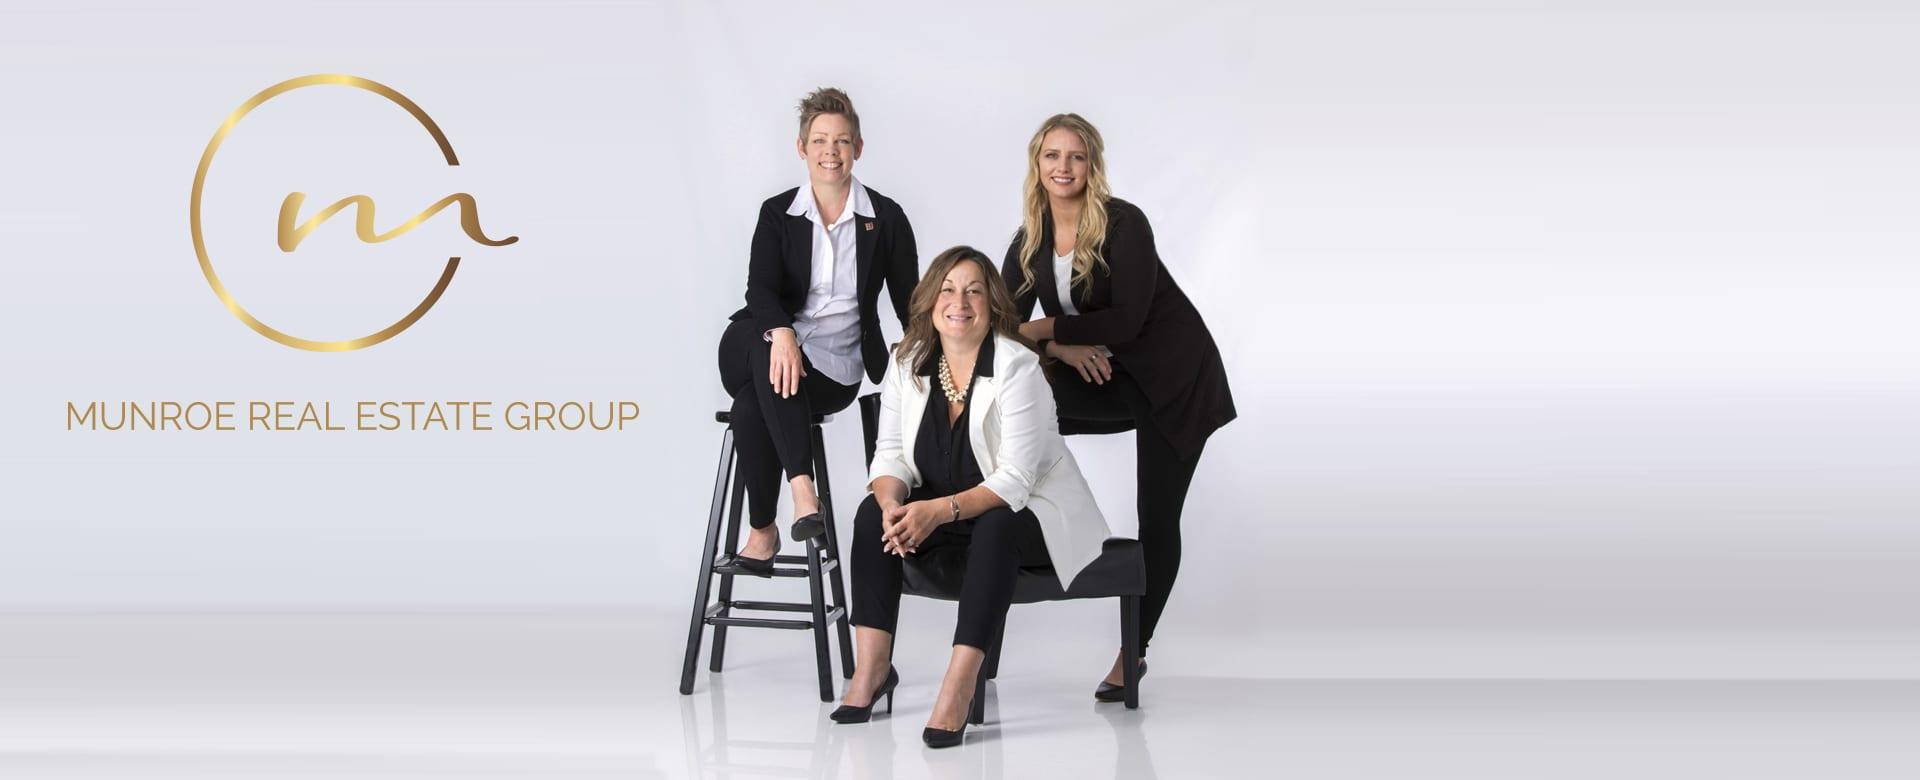 Munroe Real Estate Group